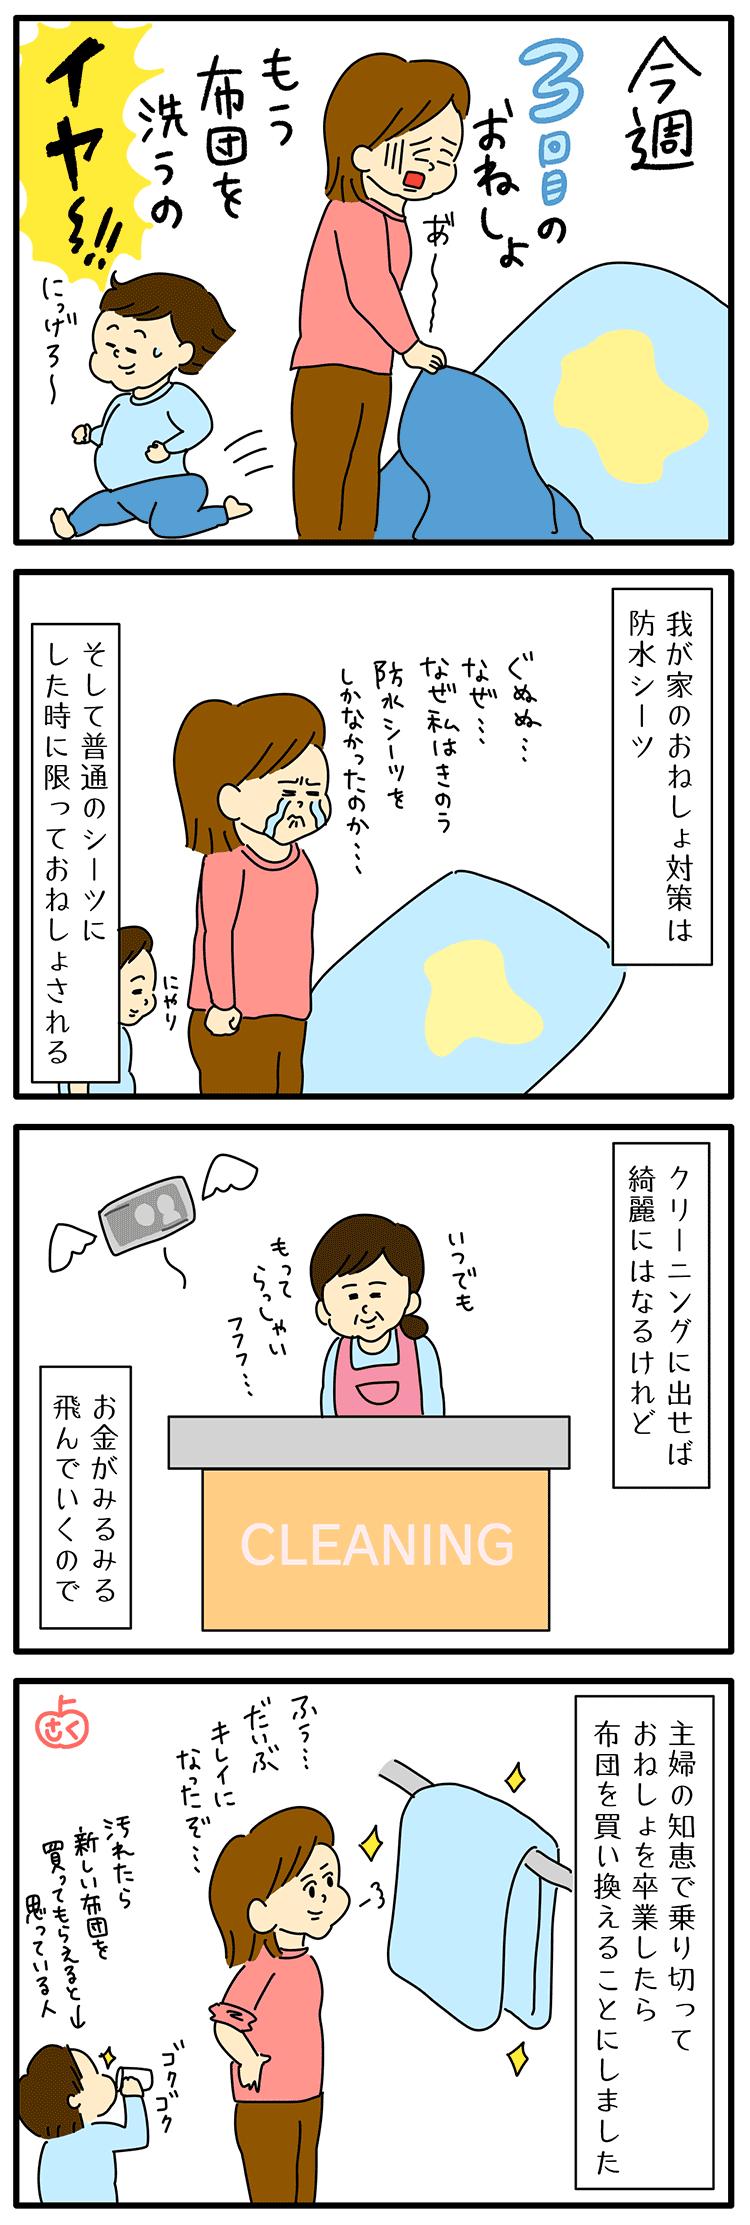 おねしょ布団の洗濯についての子育て4コマ漫画